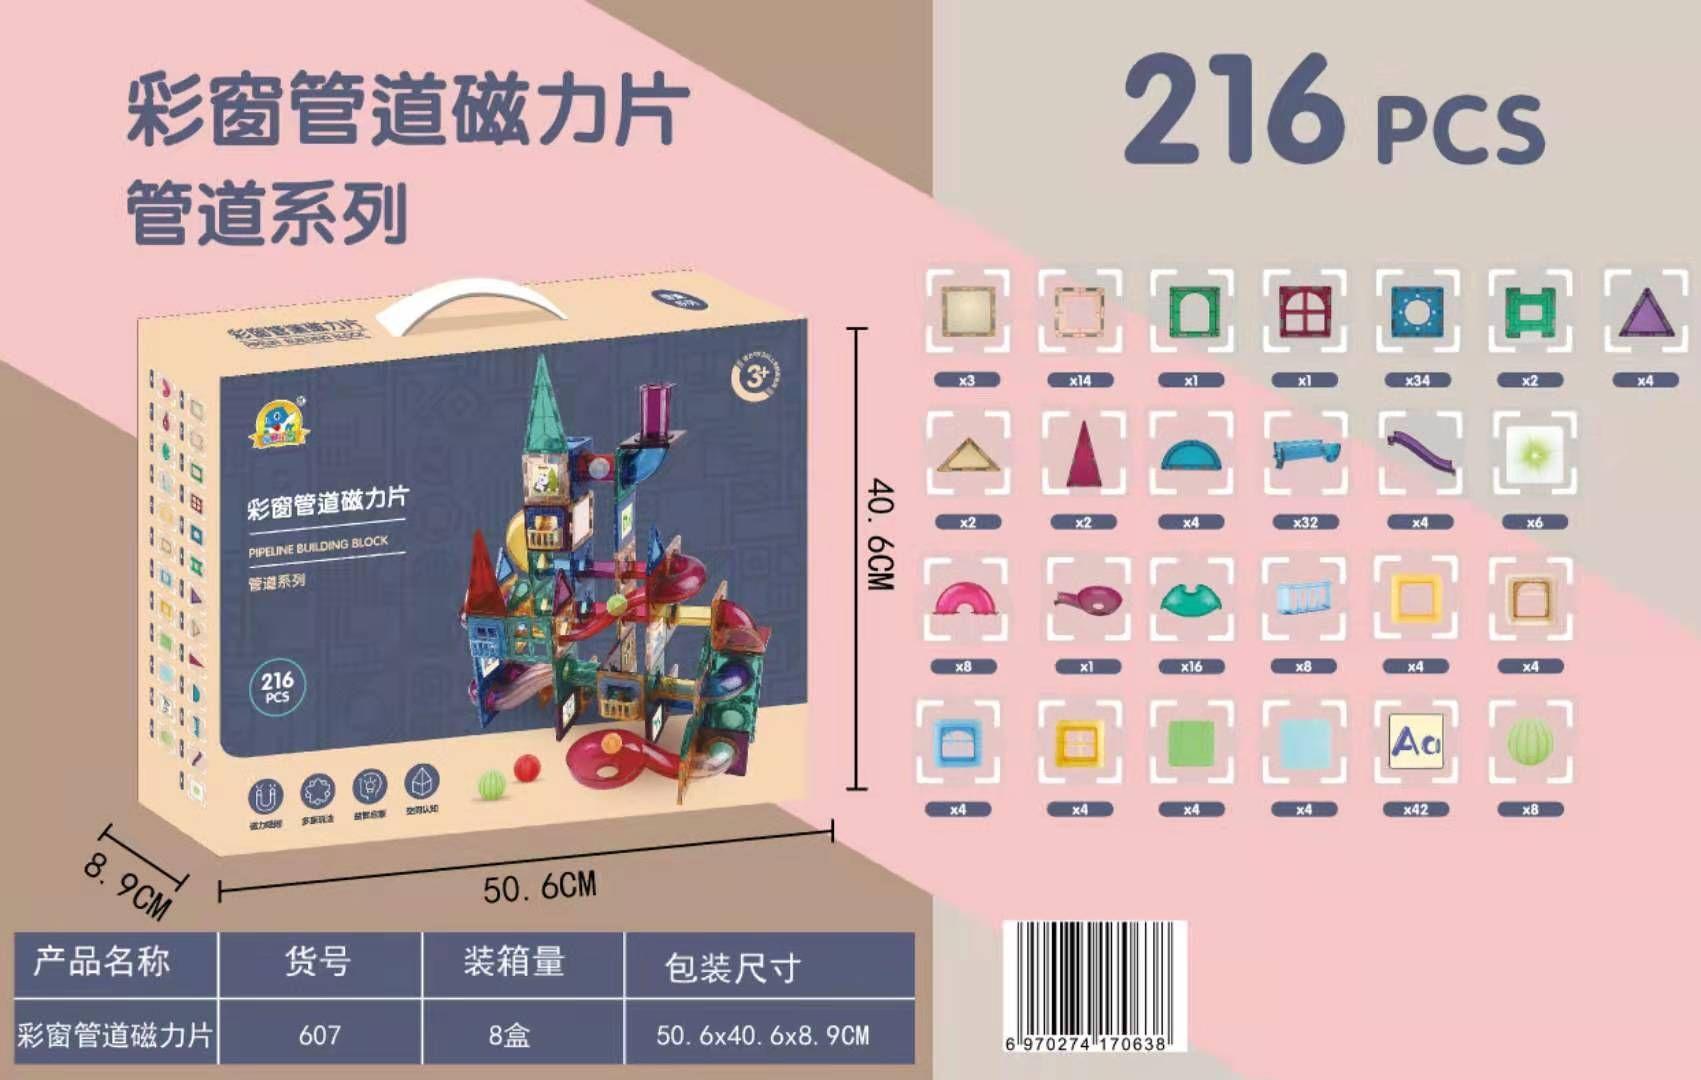 海豚乐园607(216pcs)彩窗管道磁力片